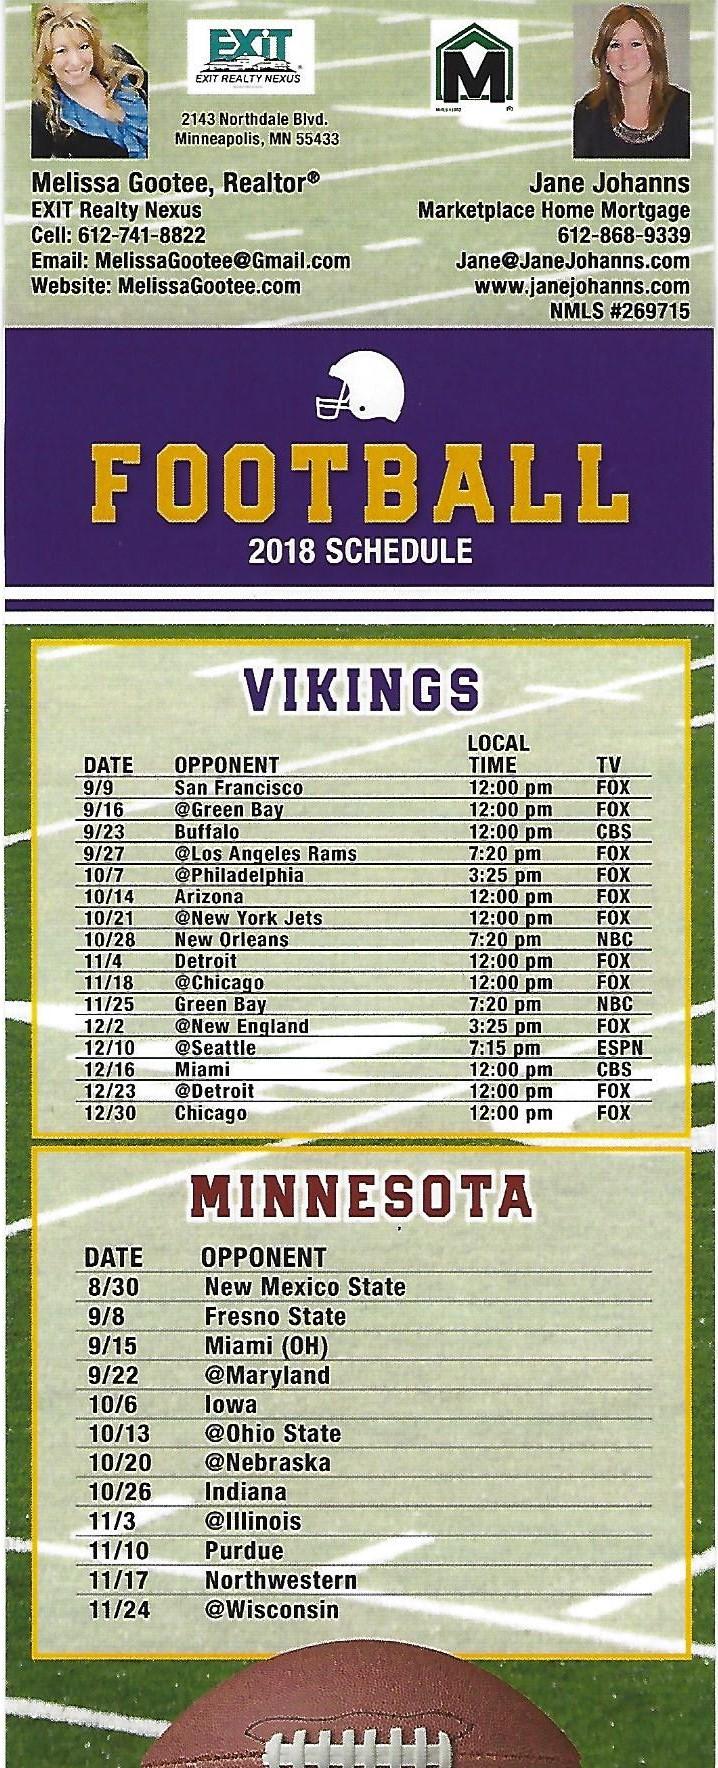 Vikings Schedule 2020.Vikings Football Schedule 2019 2019 Football Schedule 2019